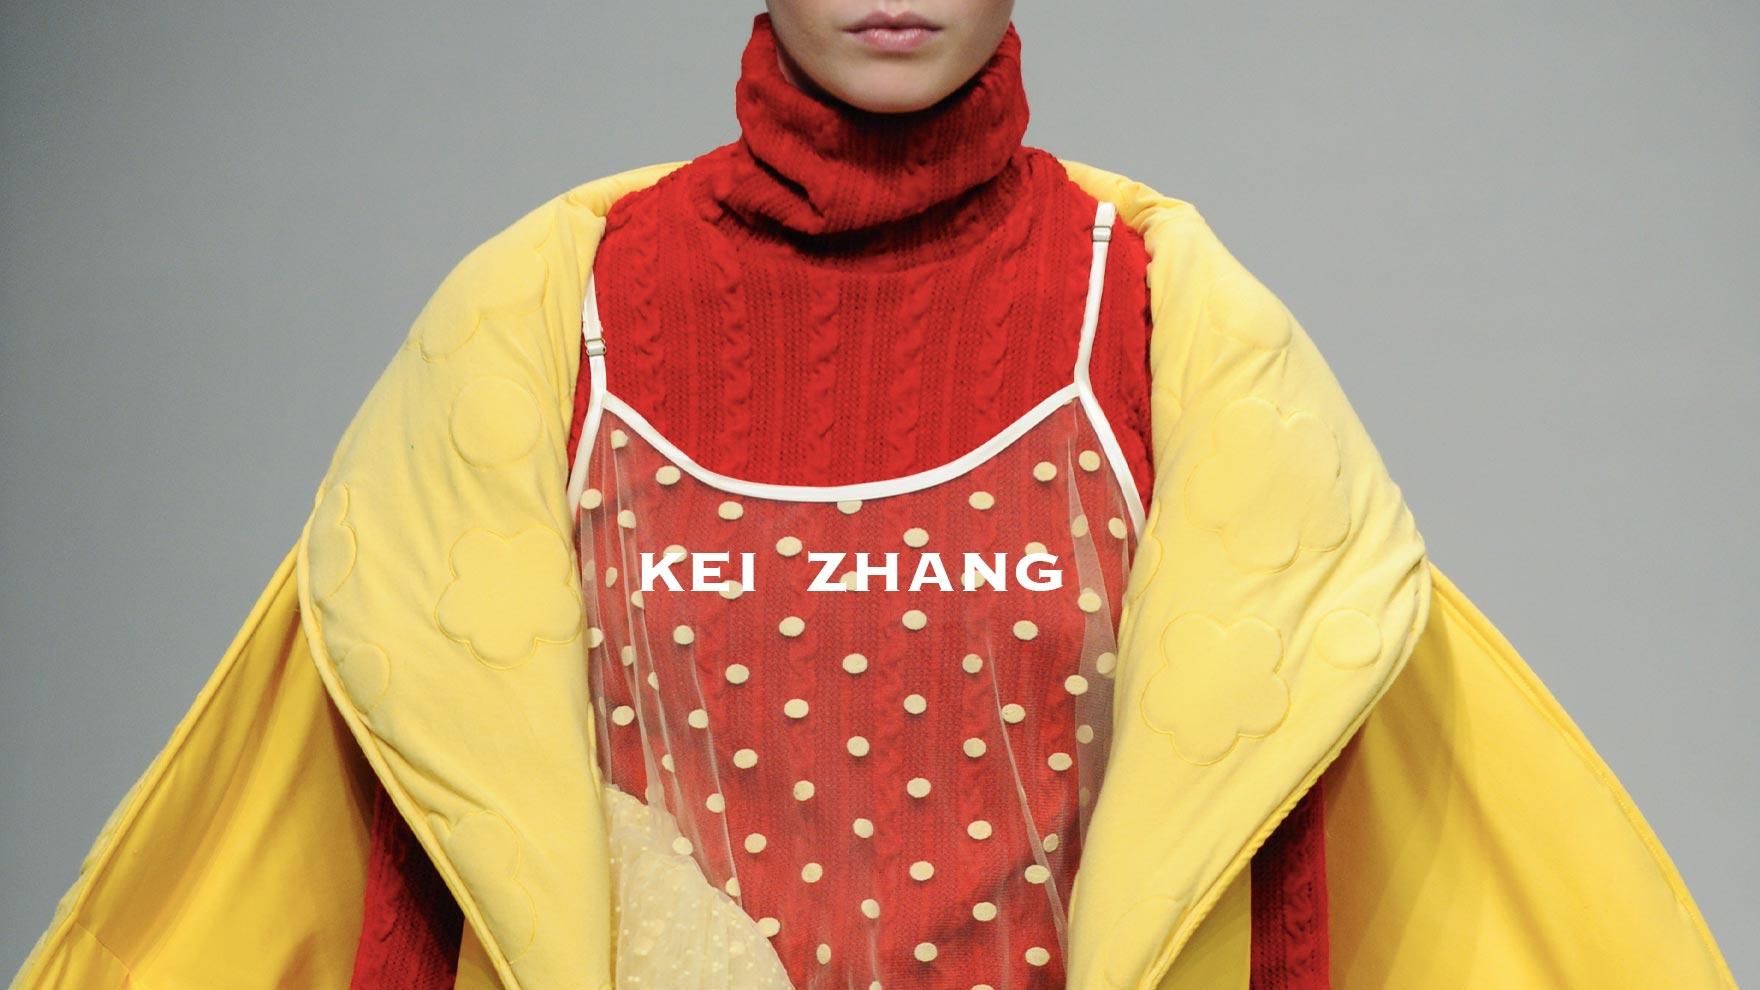 Kei Zhang London College Of Fashion 2020